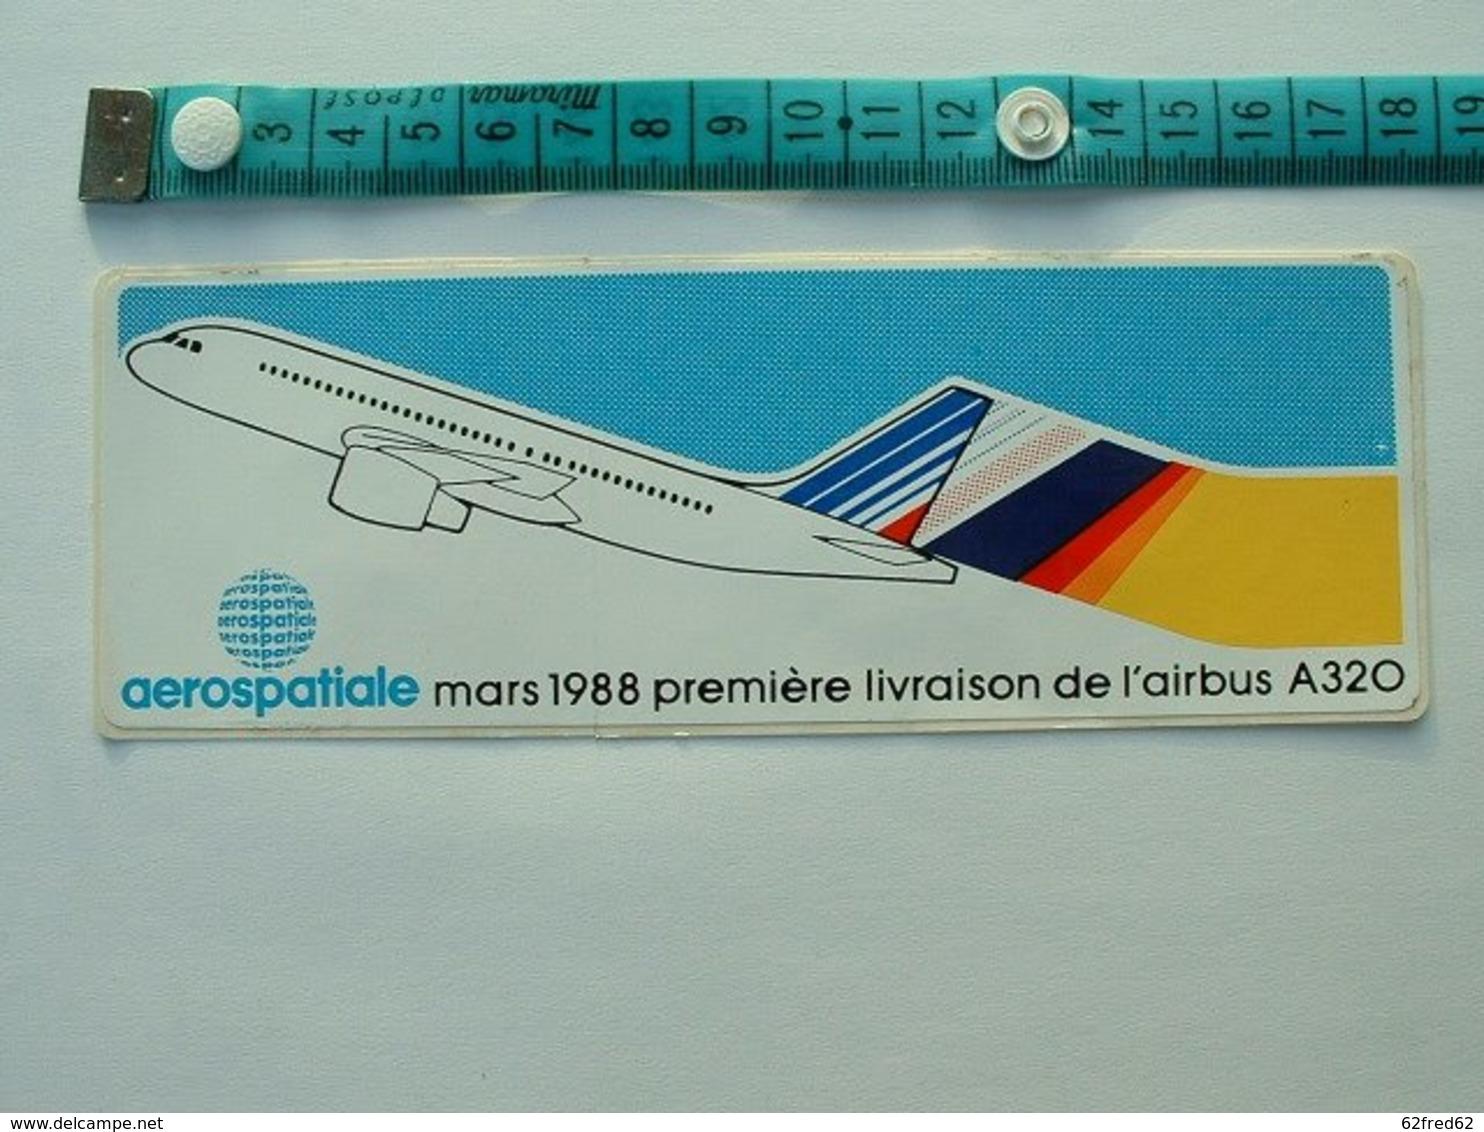 AUTOCOLLANT AEROSPATIALE - MARS 1988 PREMIERE LIVRAISON DE L'AIRBUS A320 - Aufkleber